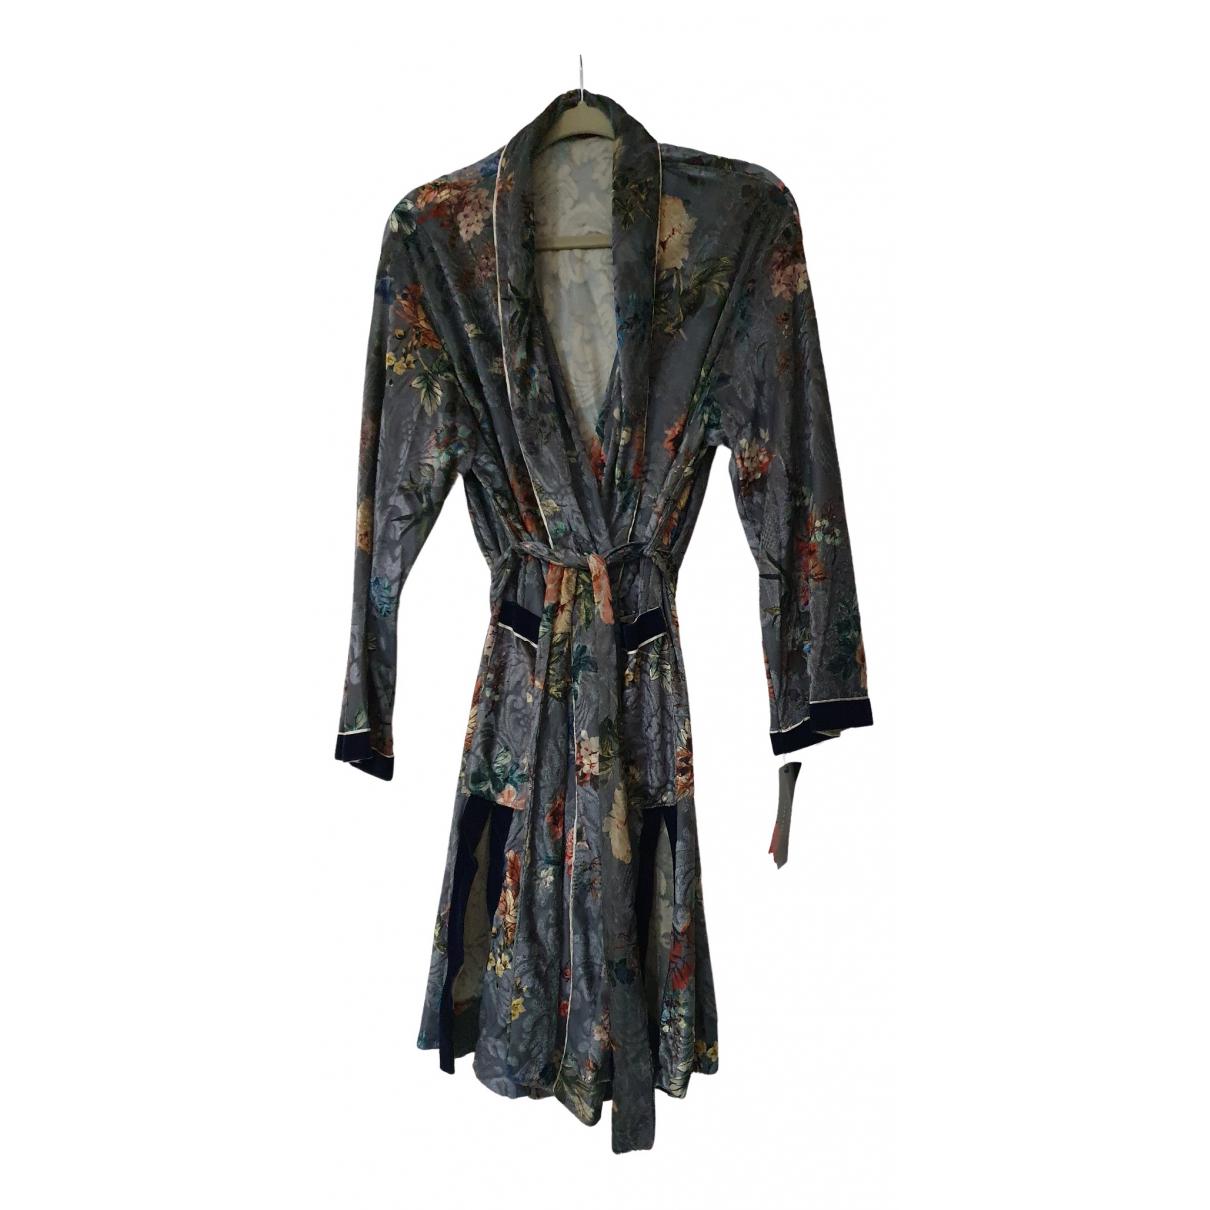 Zara \N Kleid in  Bunt Samt